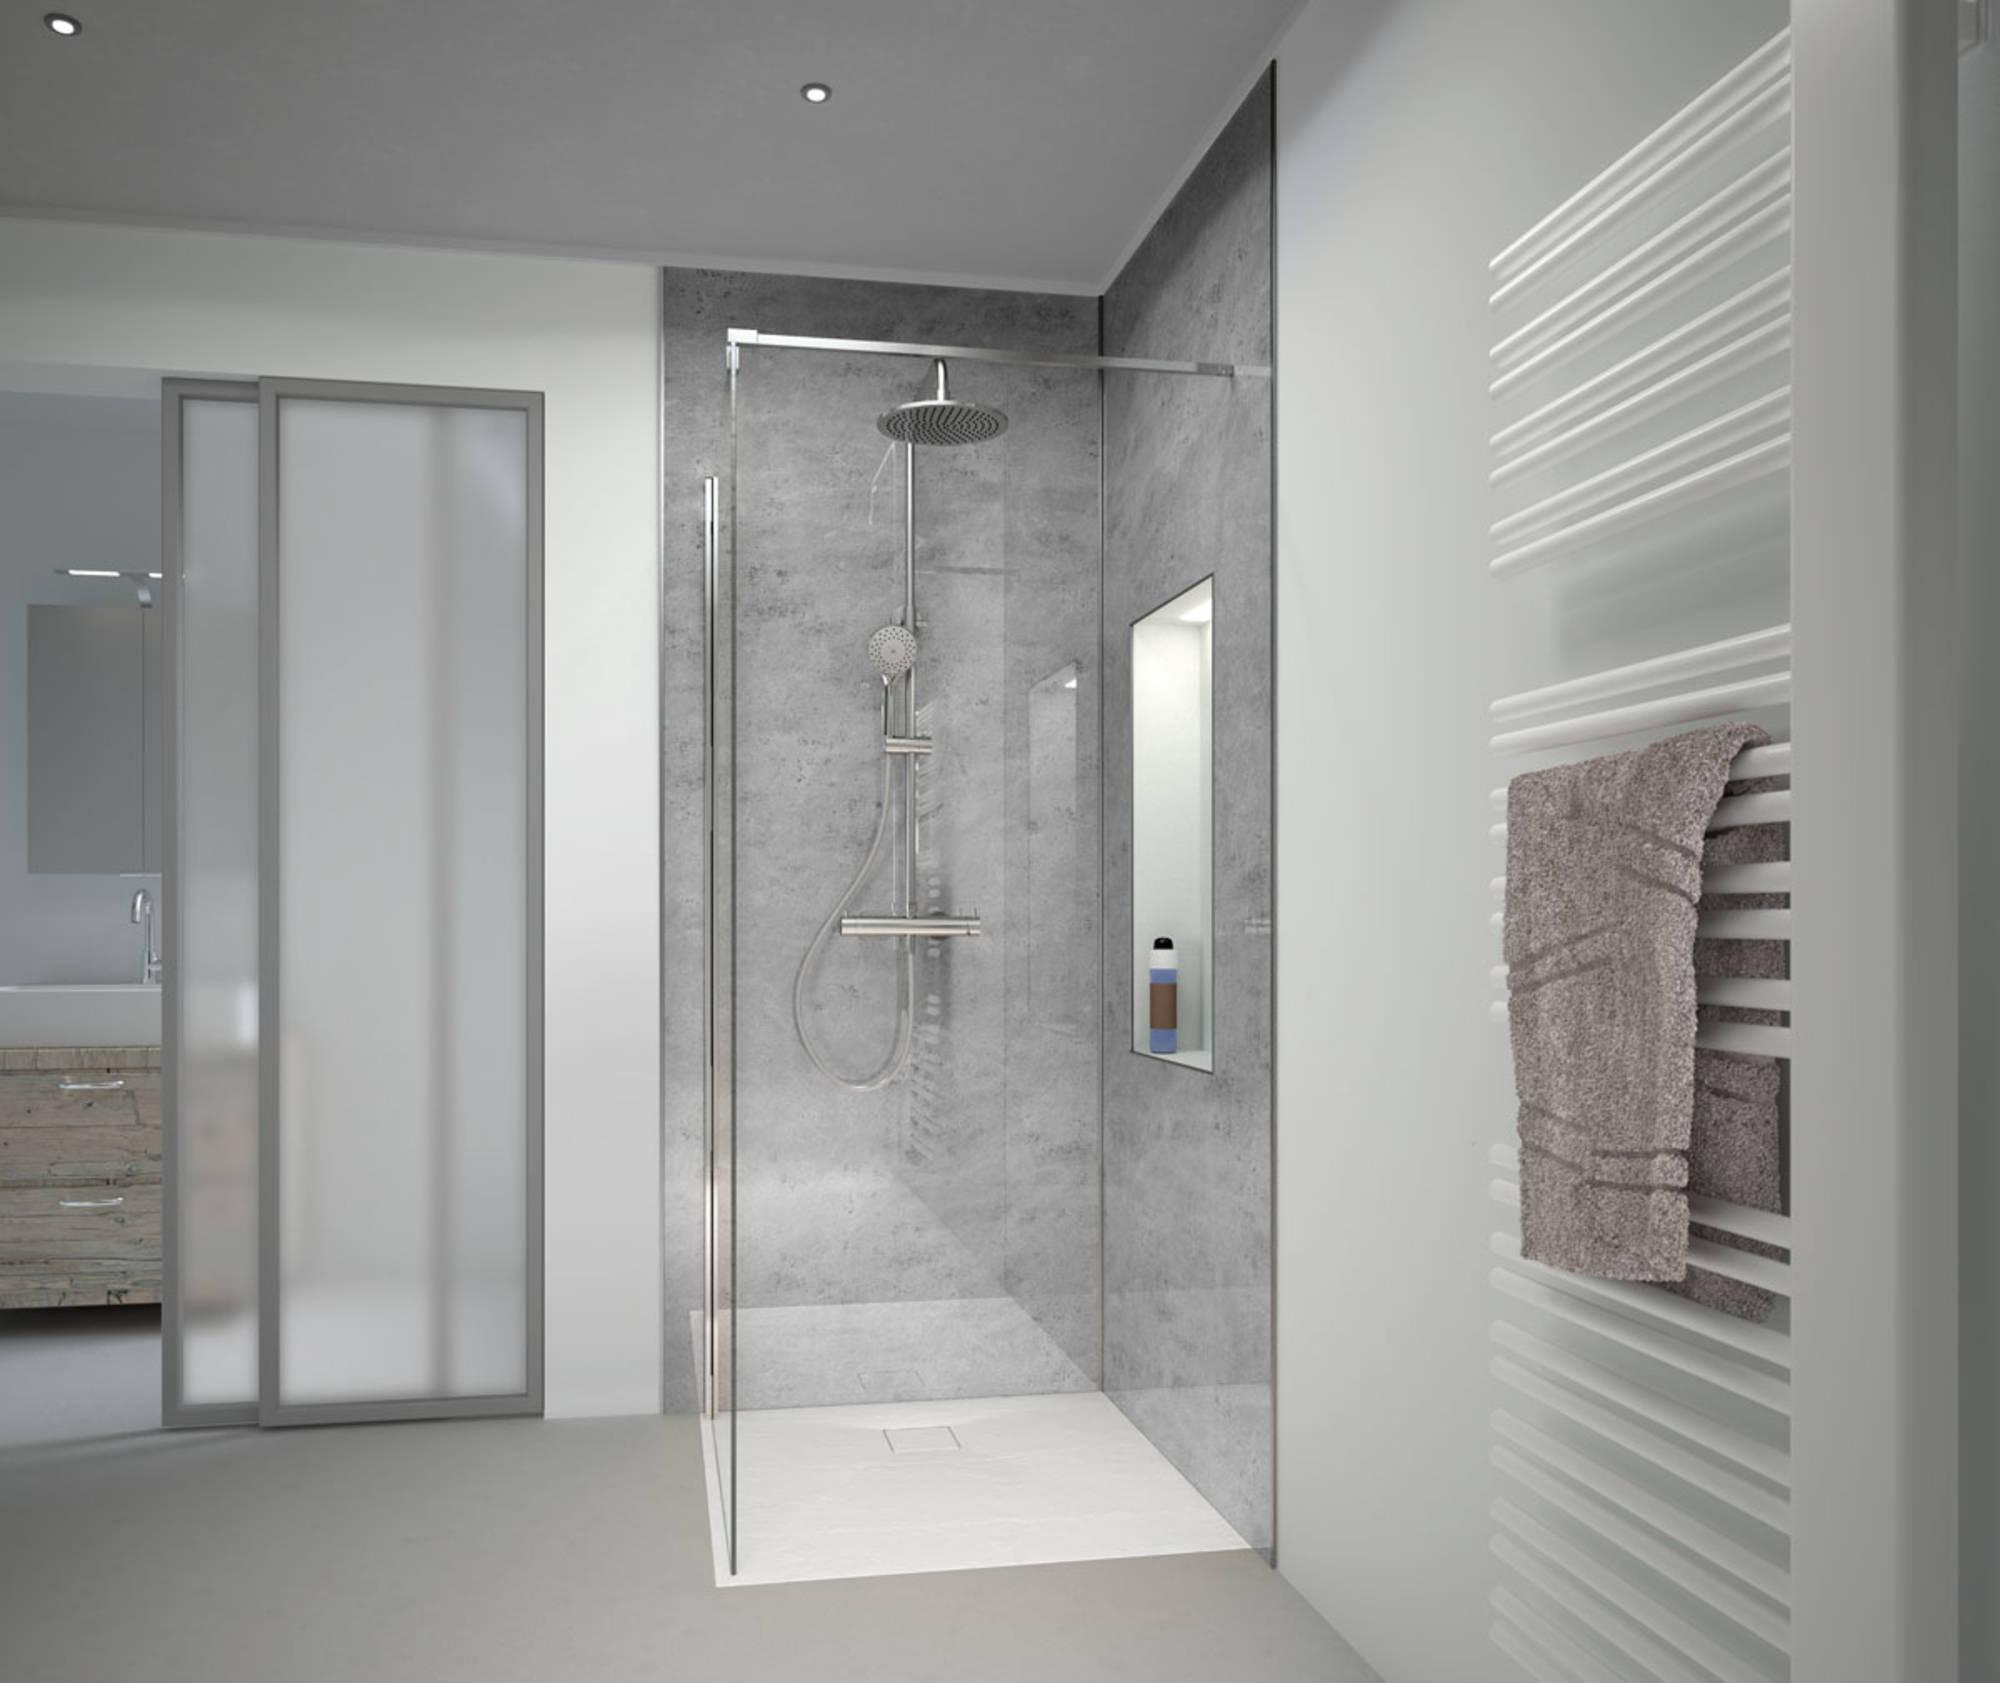 Duschprofi RenoDeco paneel Alu 100x255 cm natuursteen asgrijs